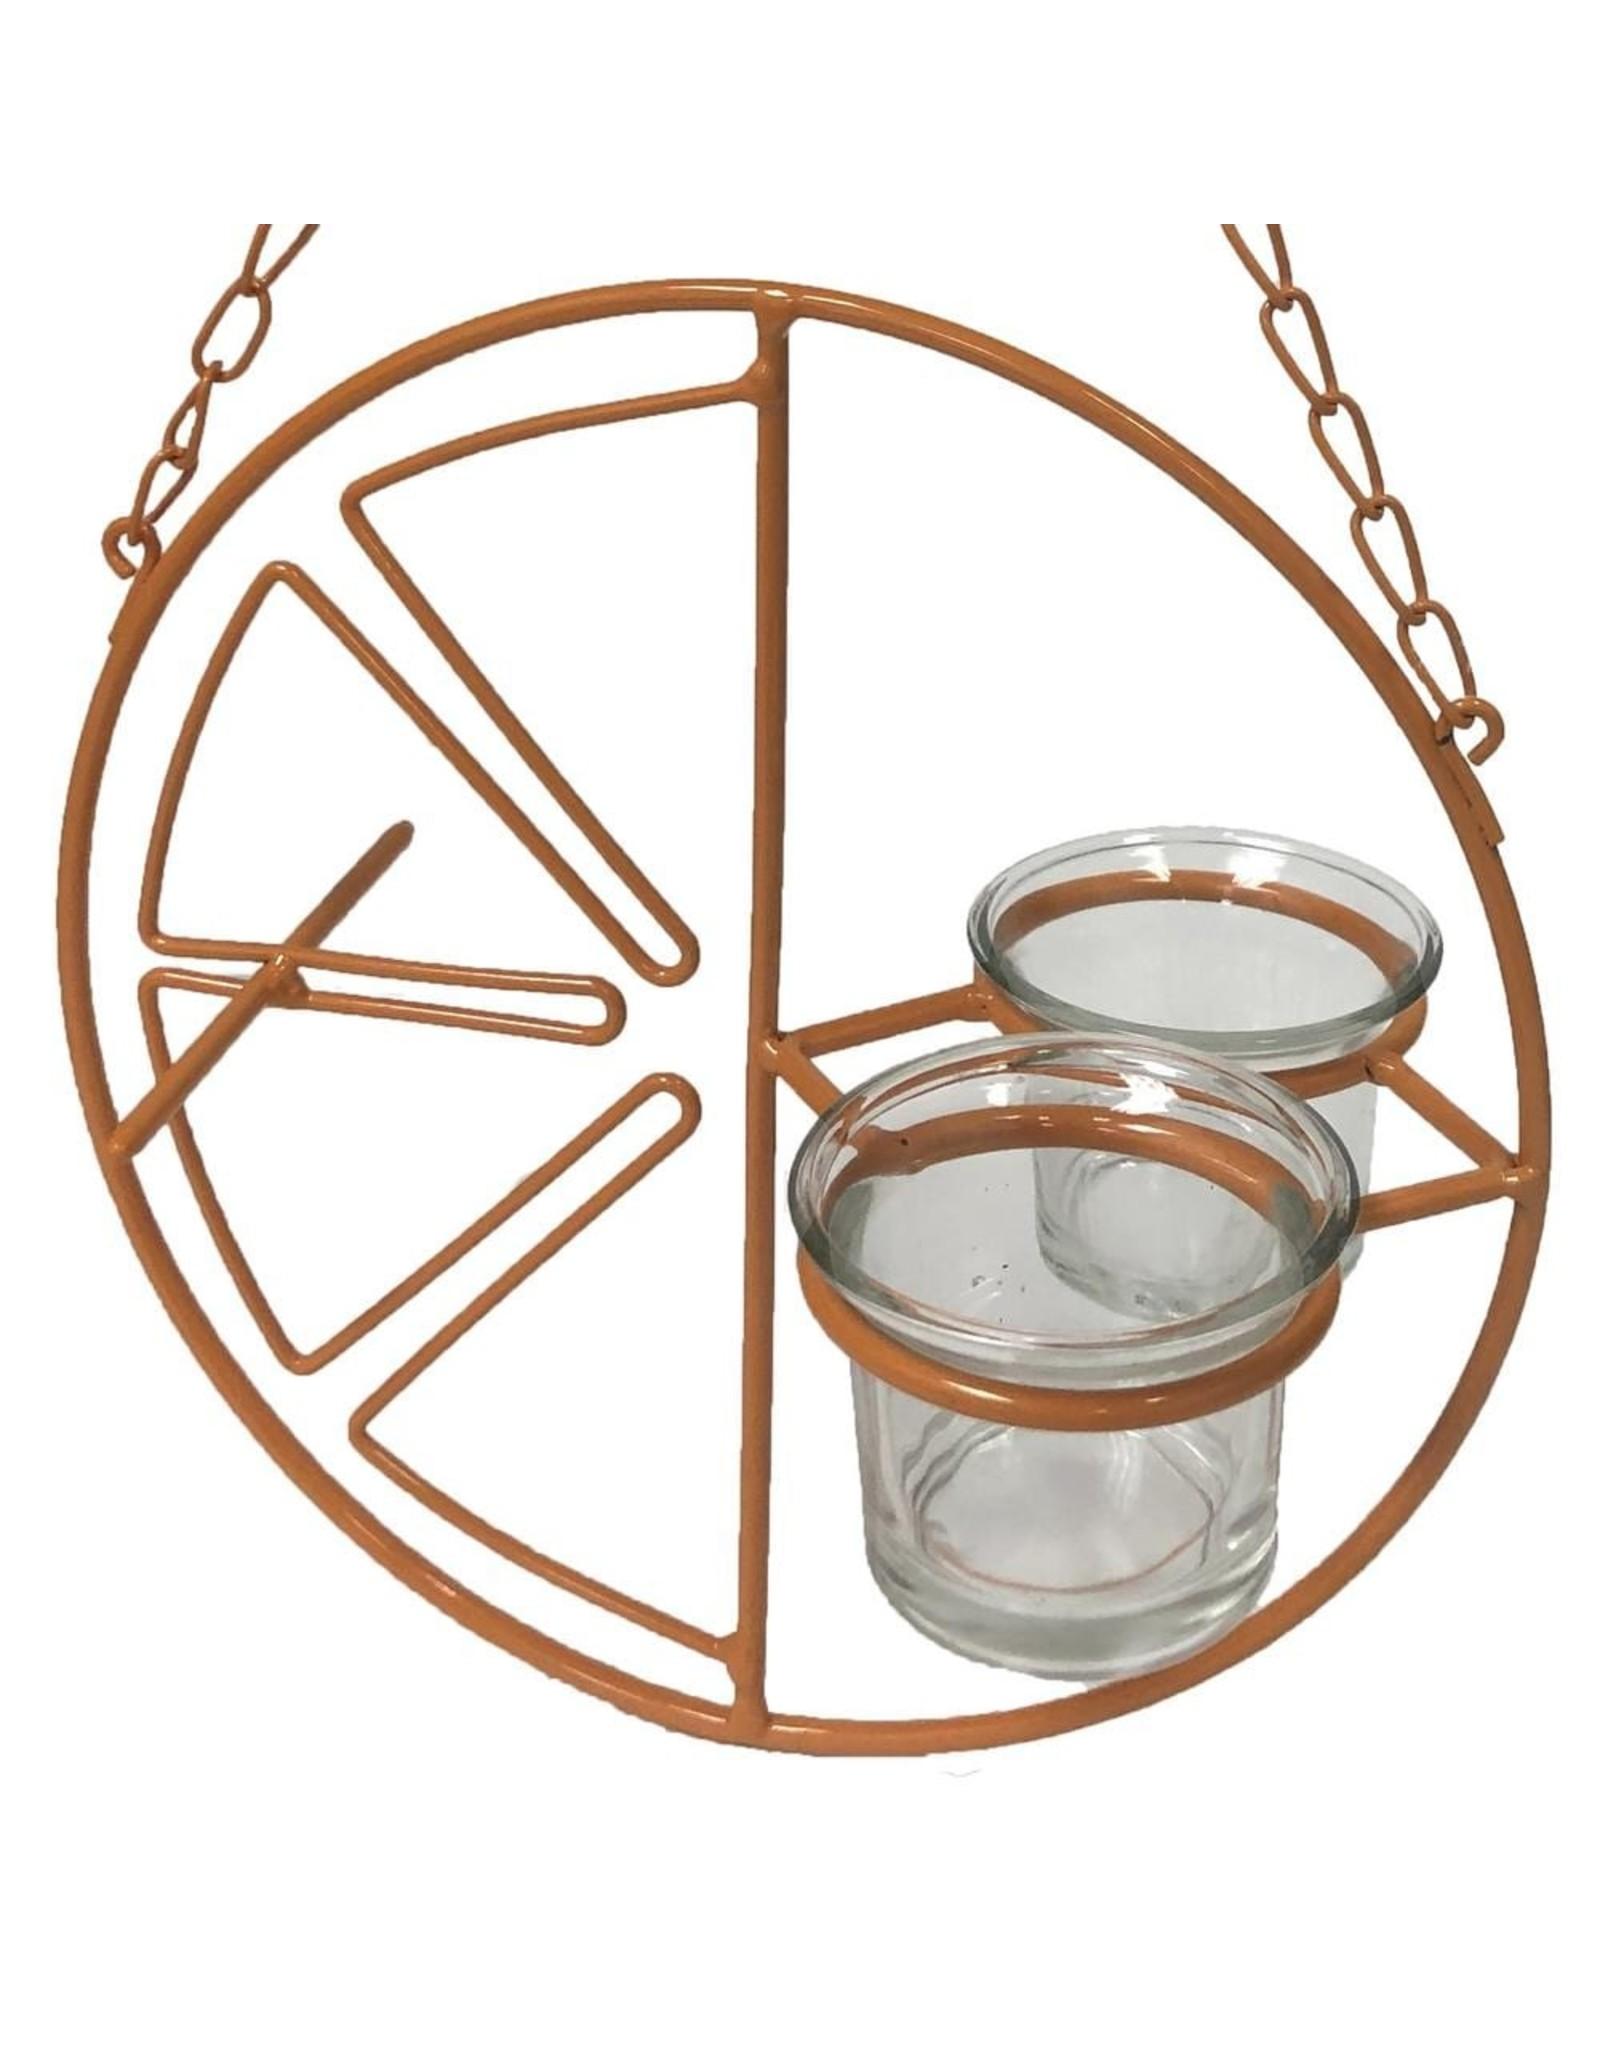 Heath HCF144 Clementine Feeder - 2 cups